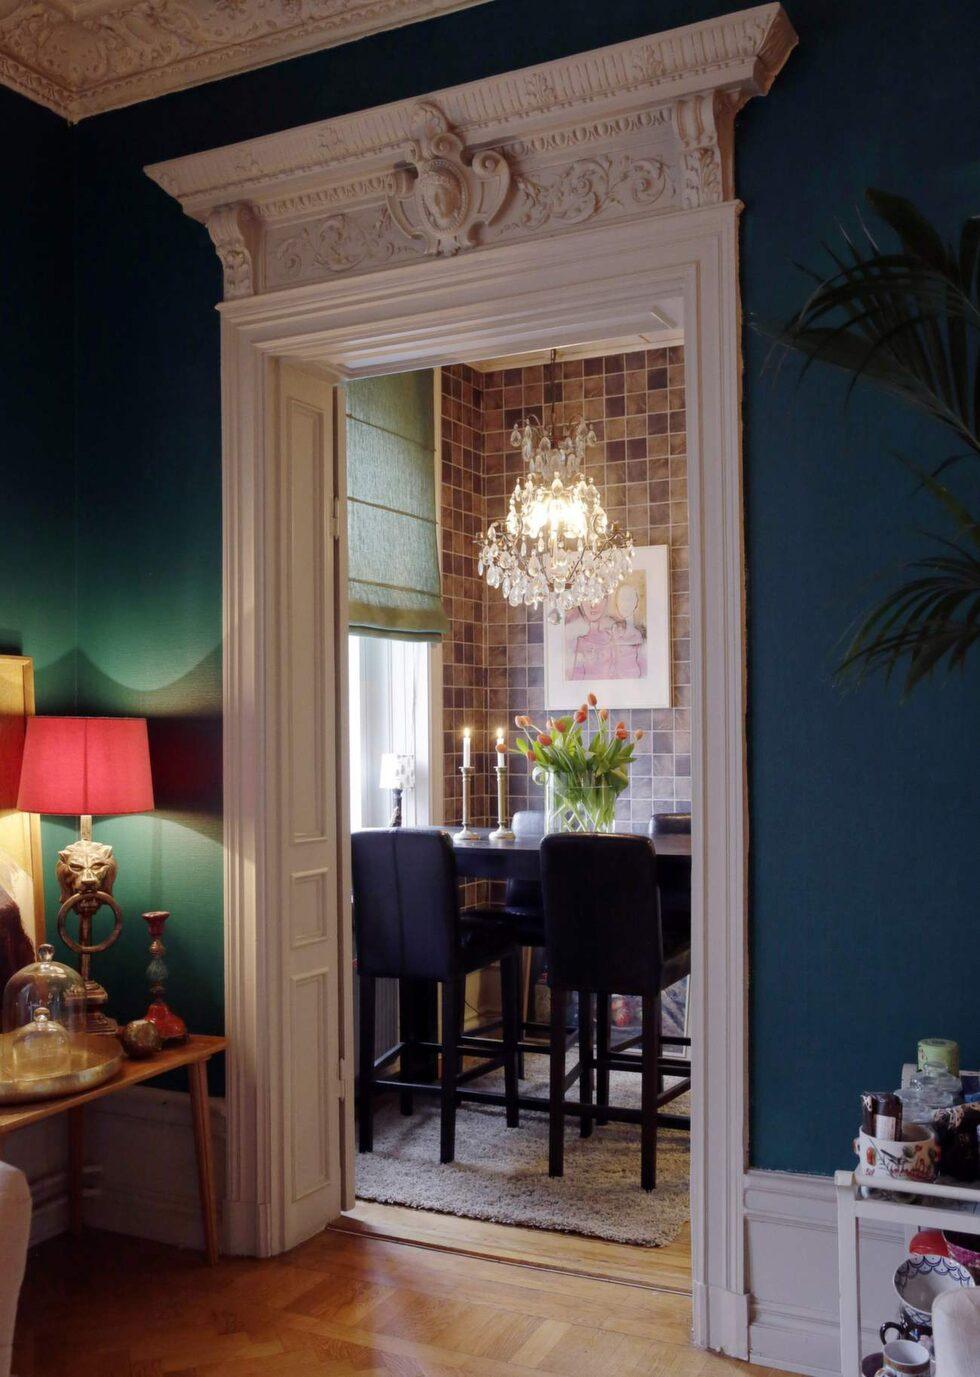 Stuckaturer. Lägenheten är från 1886 och har stuckatur kring alla dörrar och tak, liksom takrosetter.